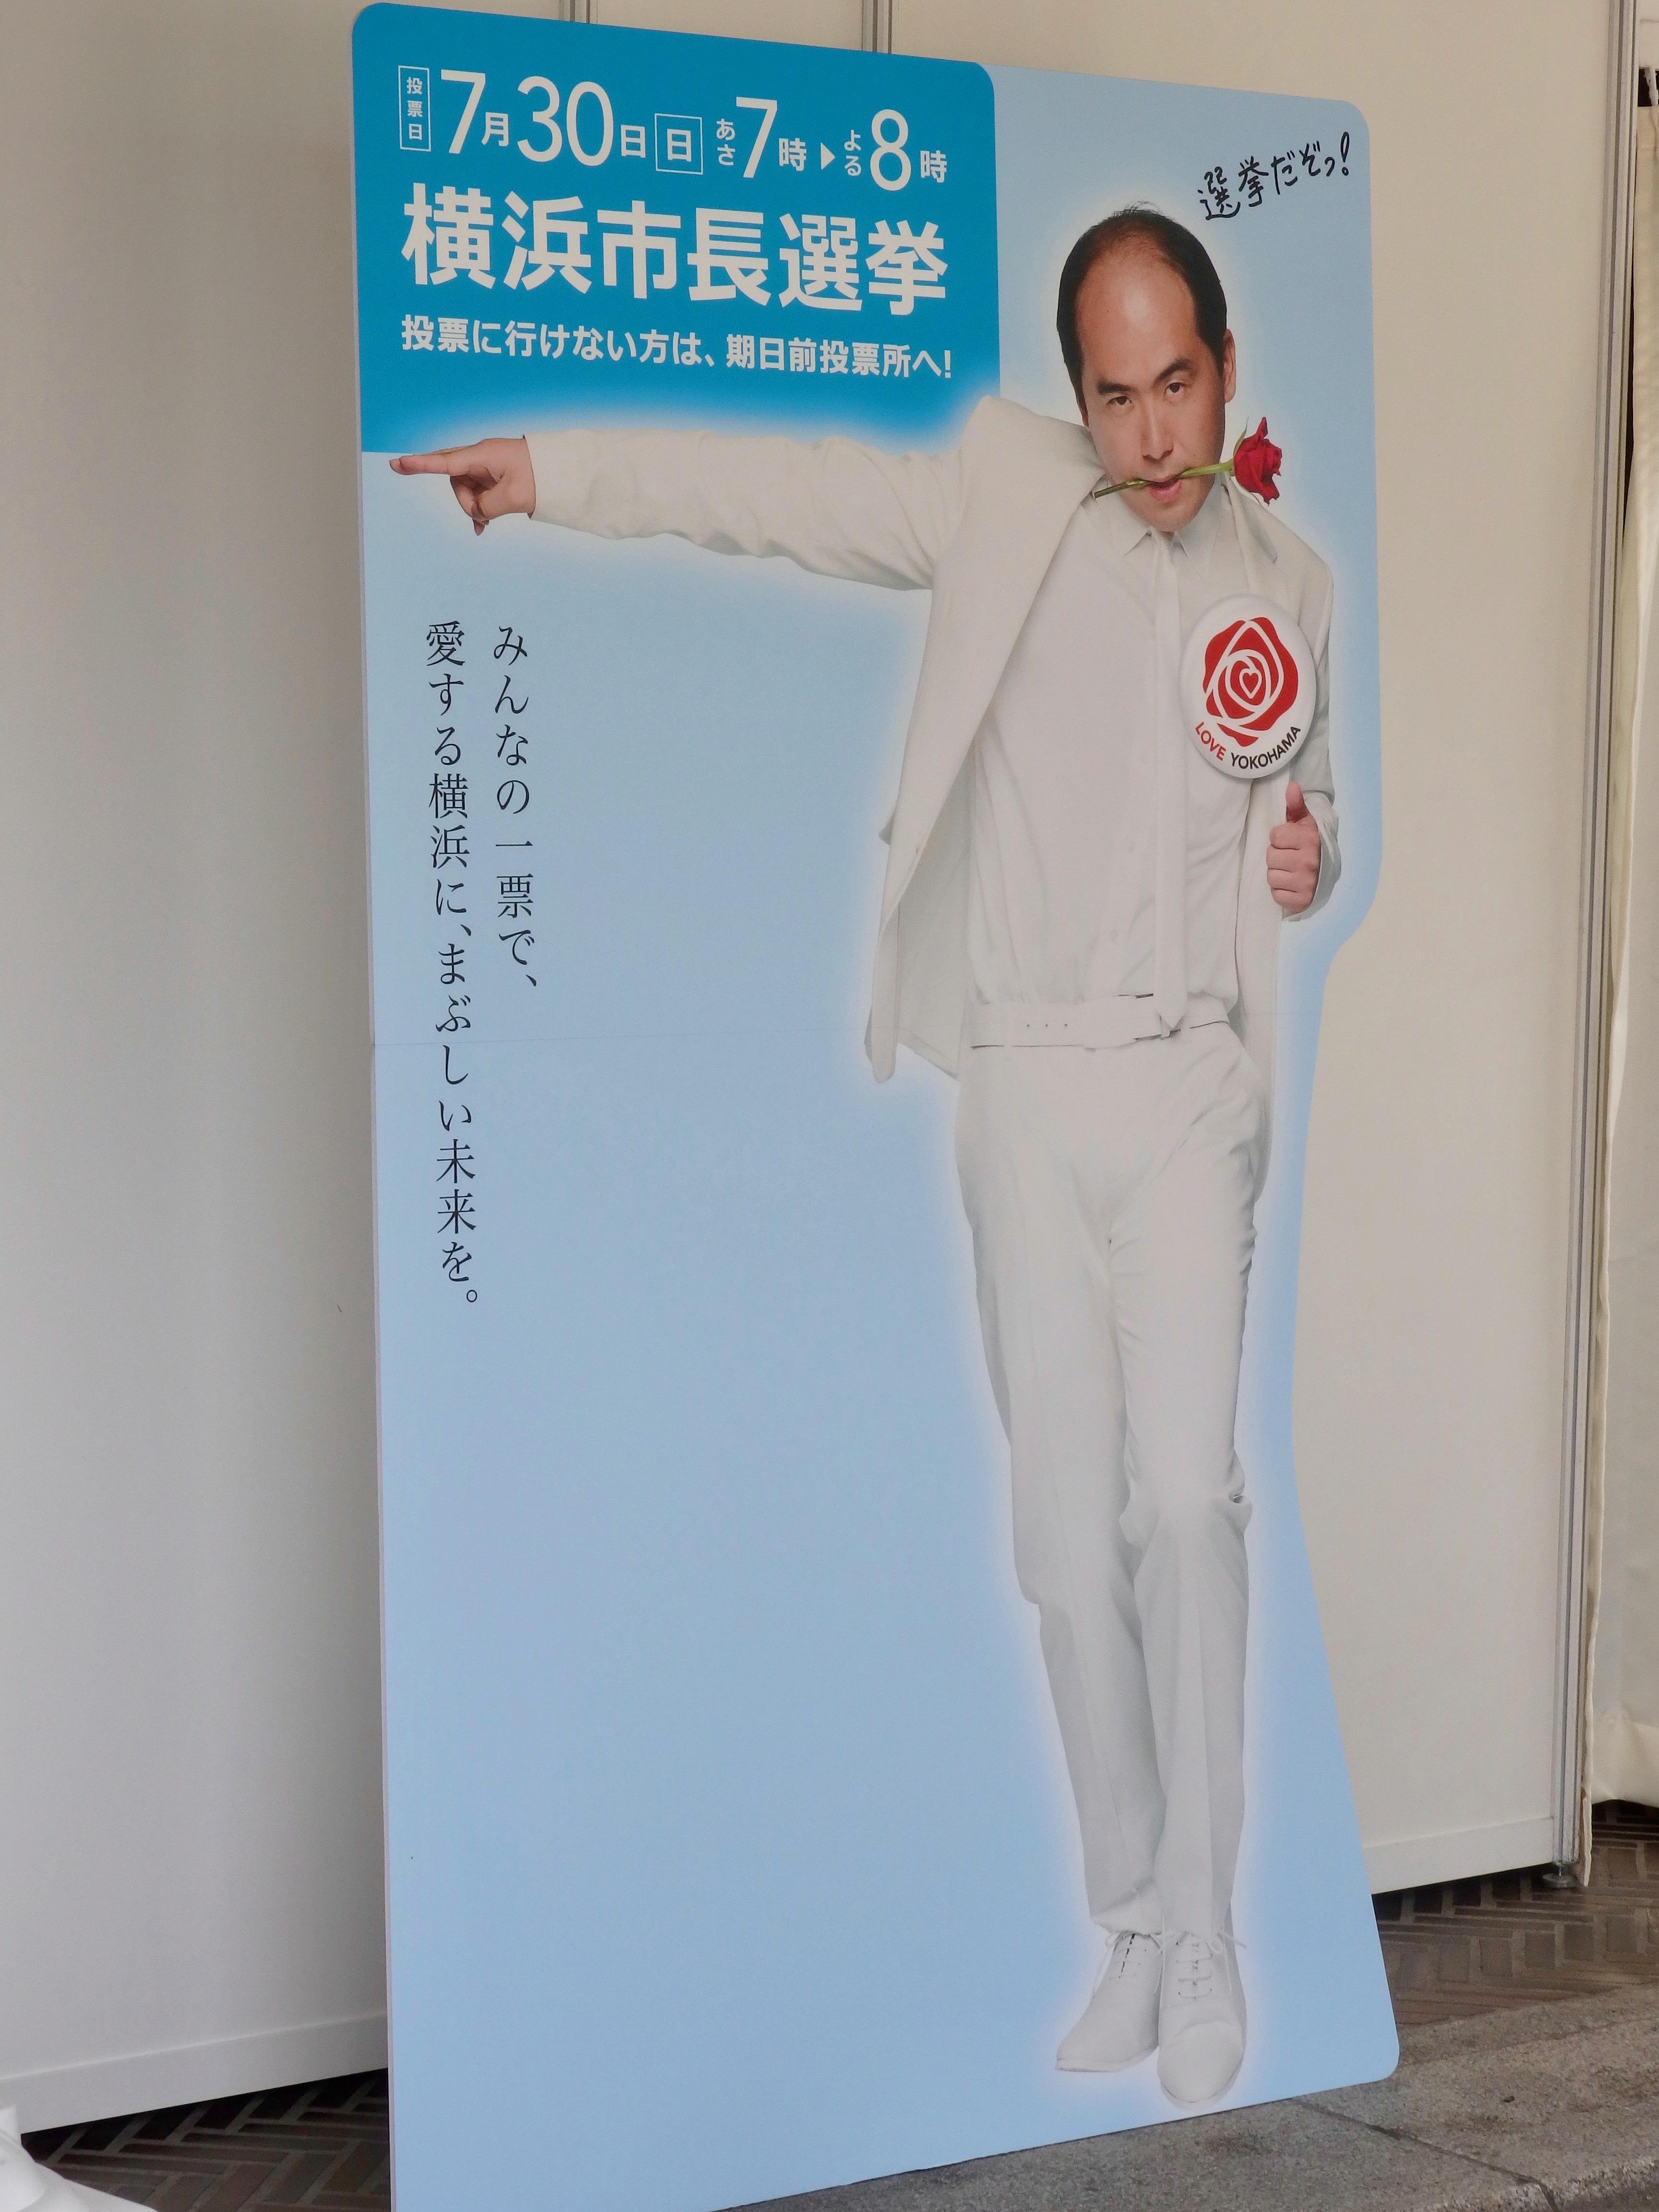 http://news.yoshimoto.co.jp/20170716170130-29921b152fe8b06b3cb838e8da9ccf74e1a6942a.jpg